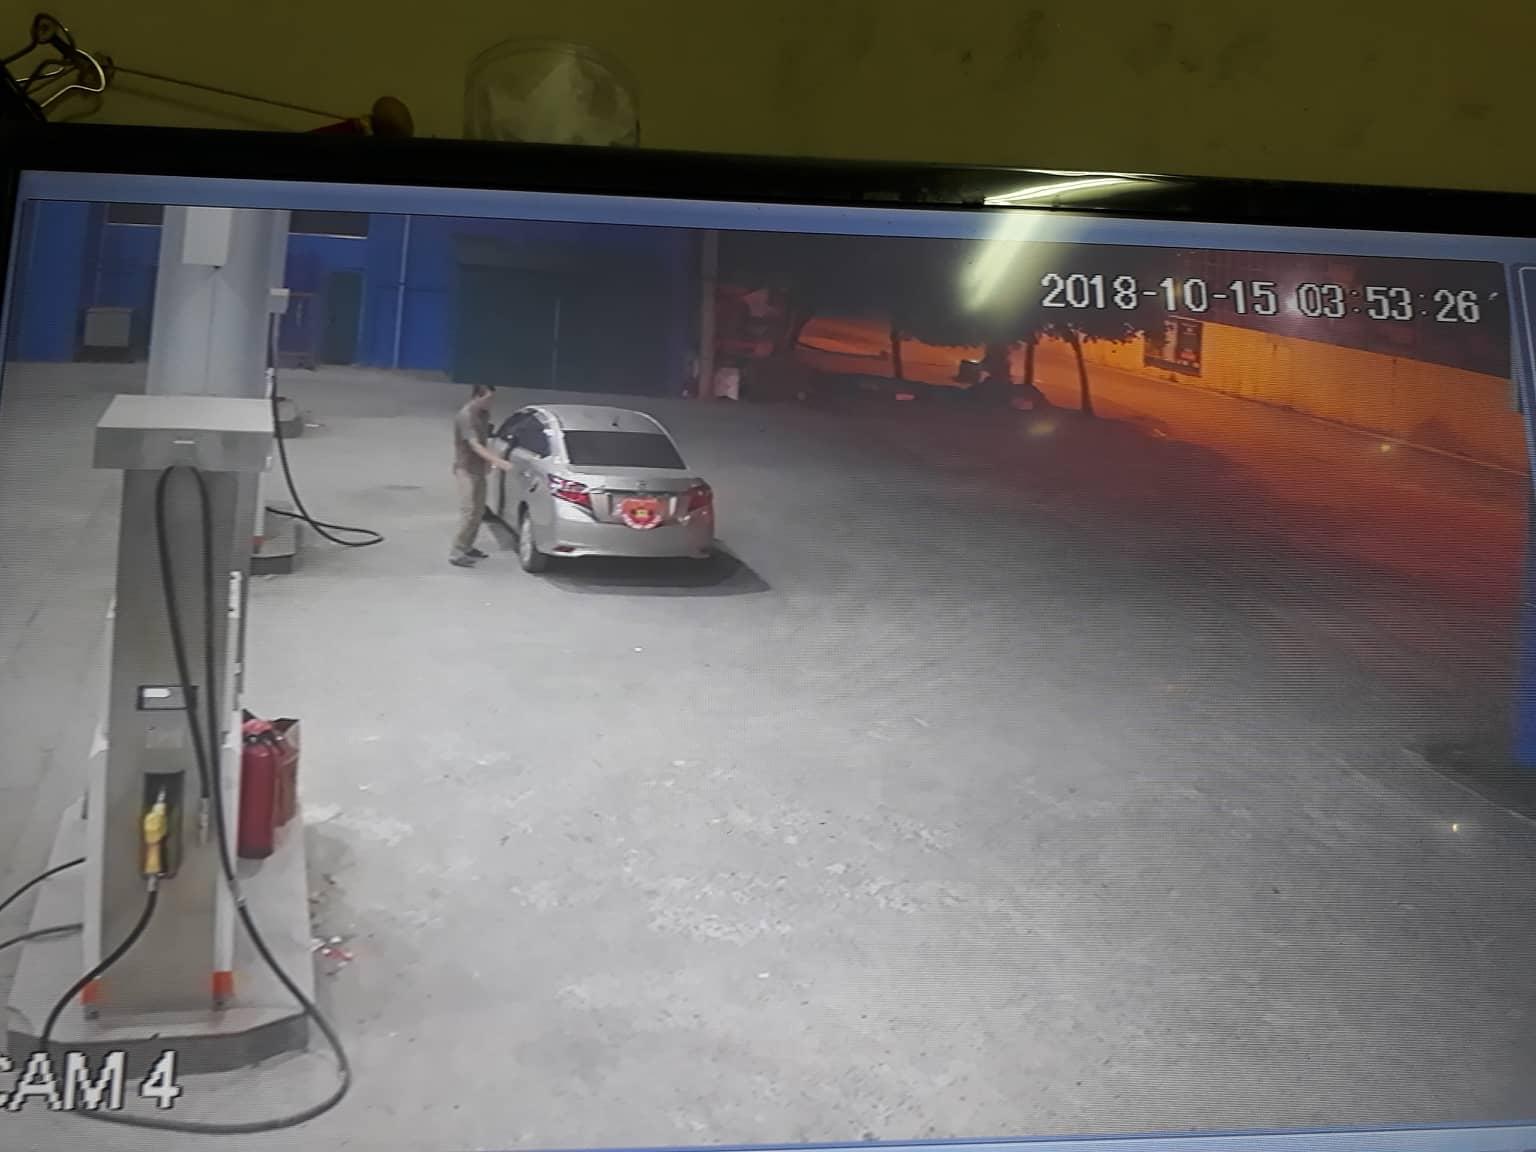 Xôn xao clip thanh niên bảnh bao đi ô tô vào đổ xăng rồi chạy mất dạng - ảnh 1